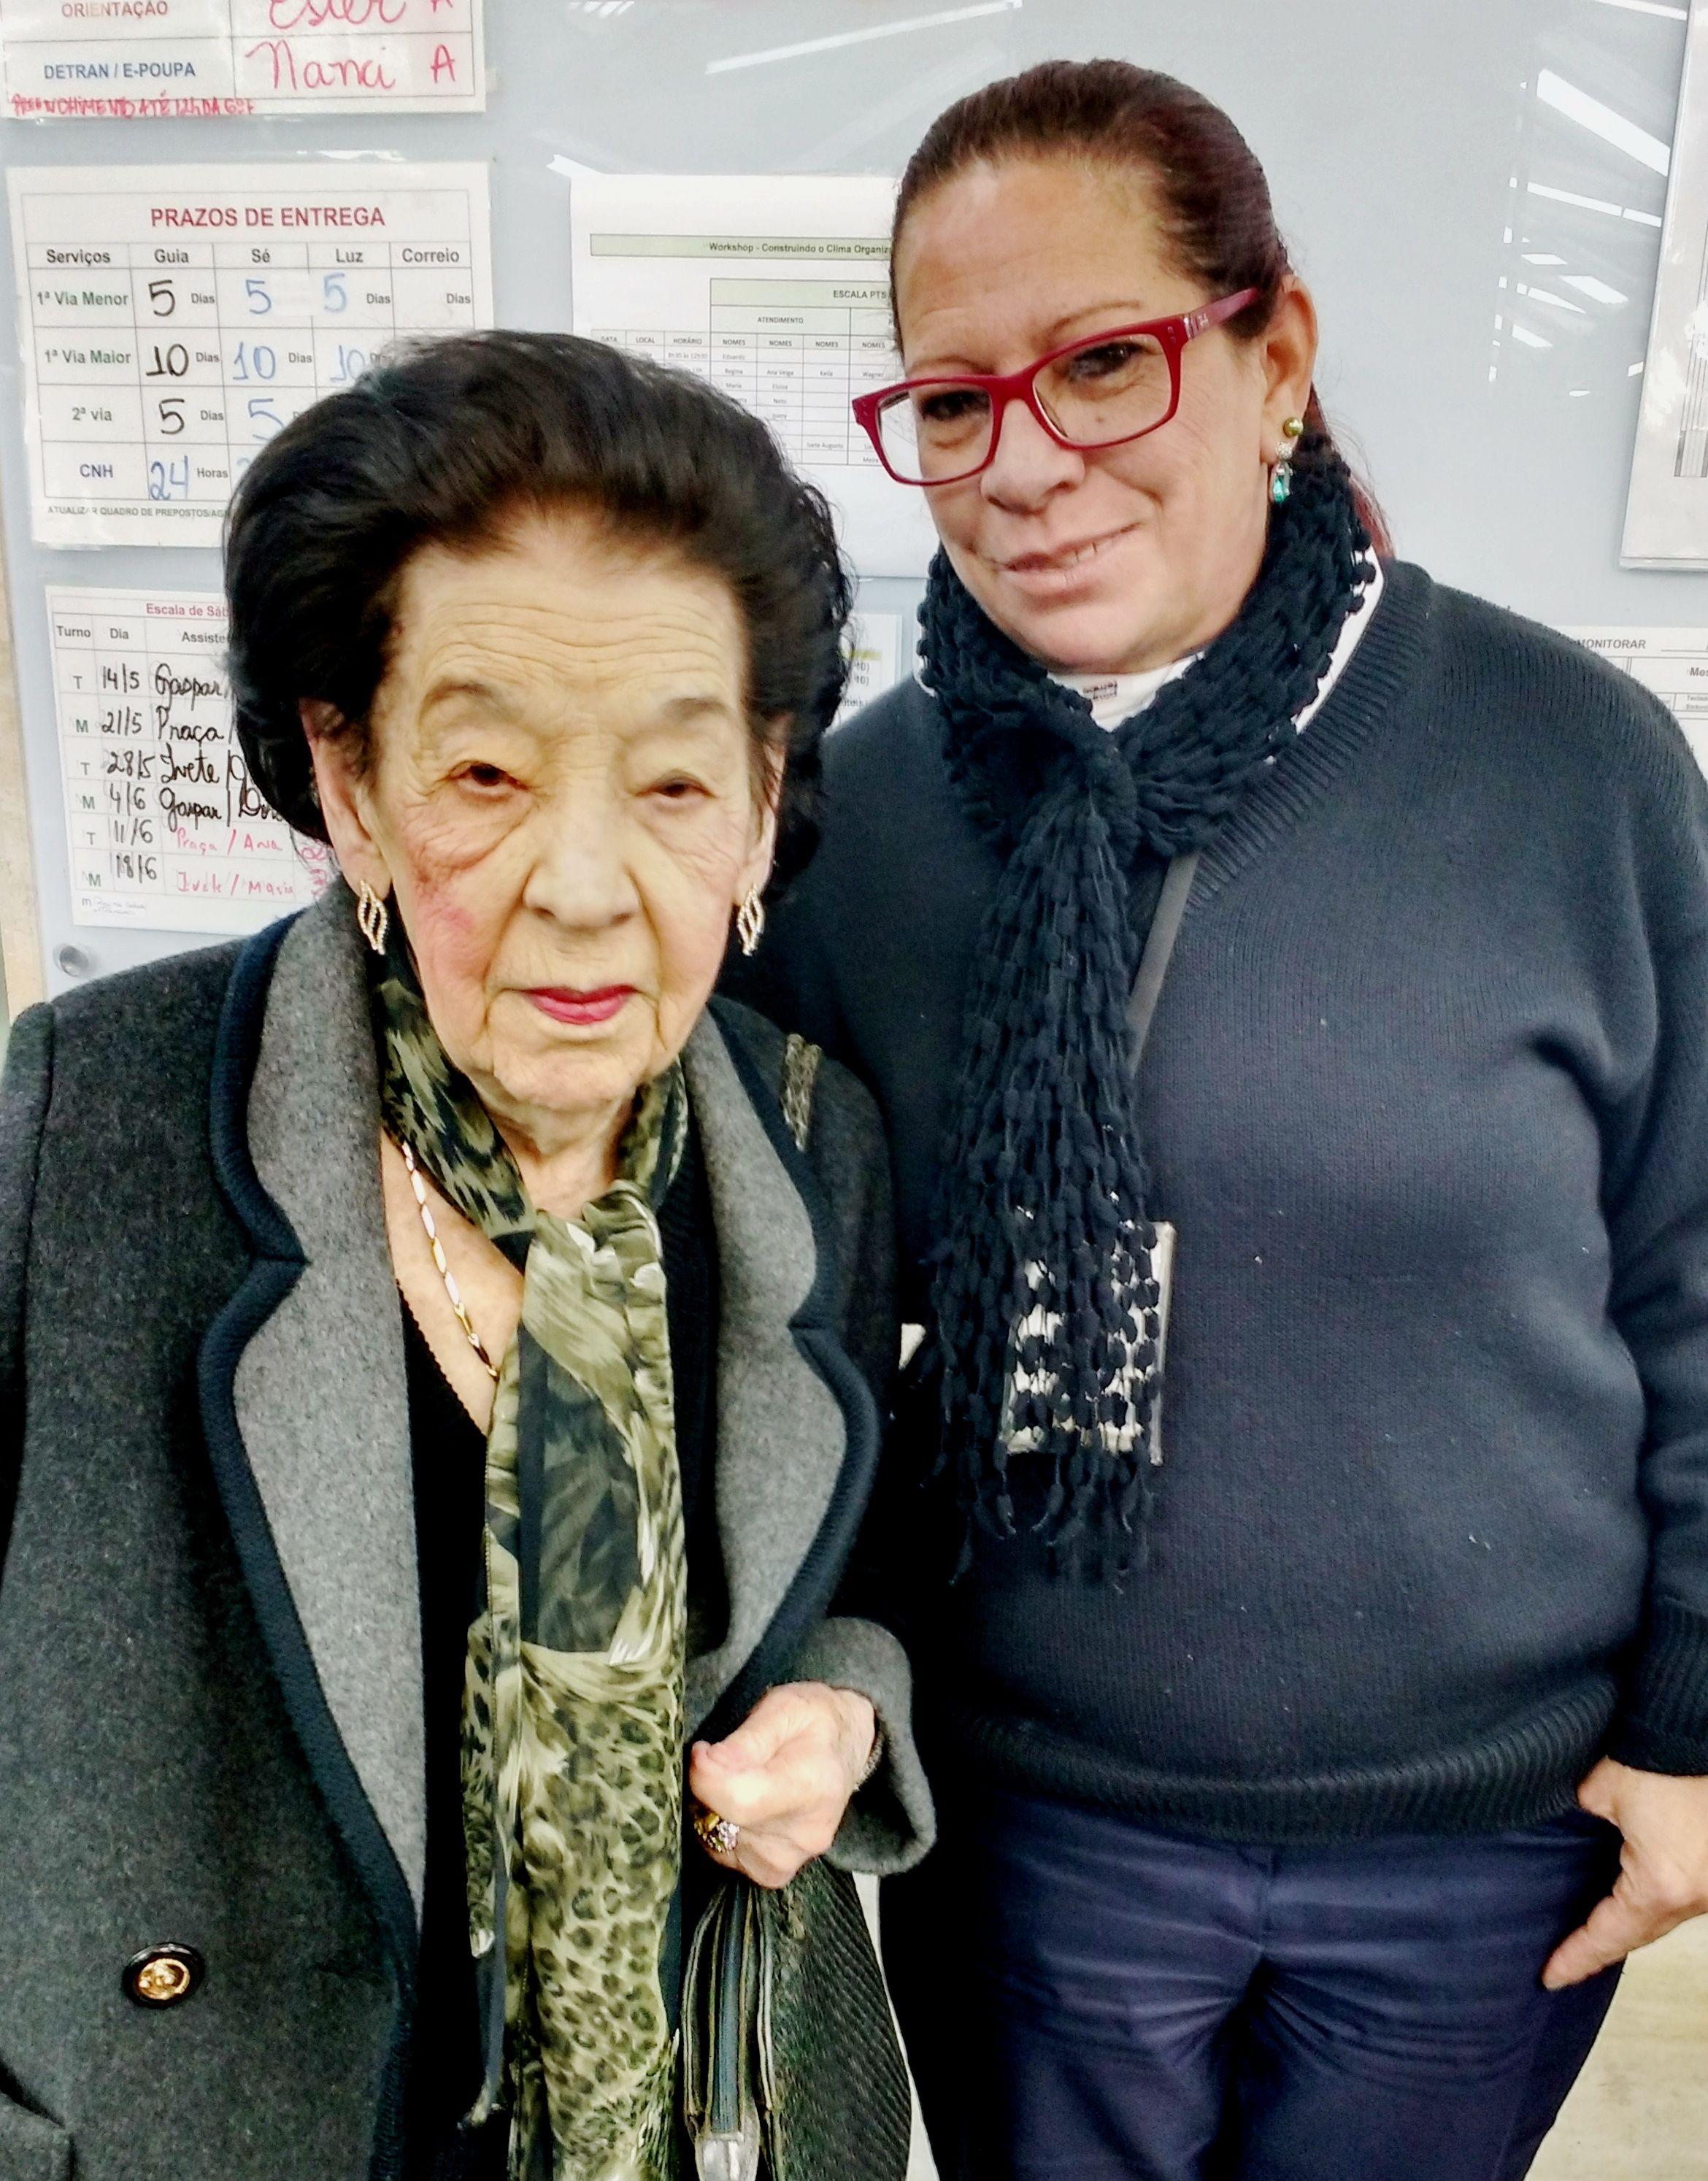 """Jair Tueni completou 99 anos de idade no último Dia dos Namorados. Menos de uma semana depois, ela foi ao Poupatempo Sé atualizar o RG. Após concluir o serviço, demorou-se em elogios e demonstrações de carinho aos funcionários. """"Nunca fui tão bem atendida"""", disse."""